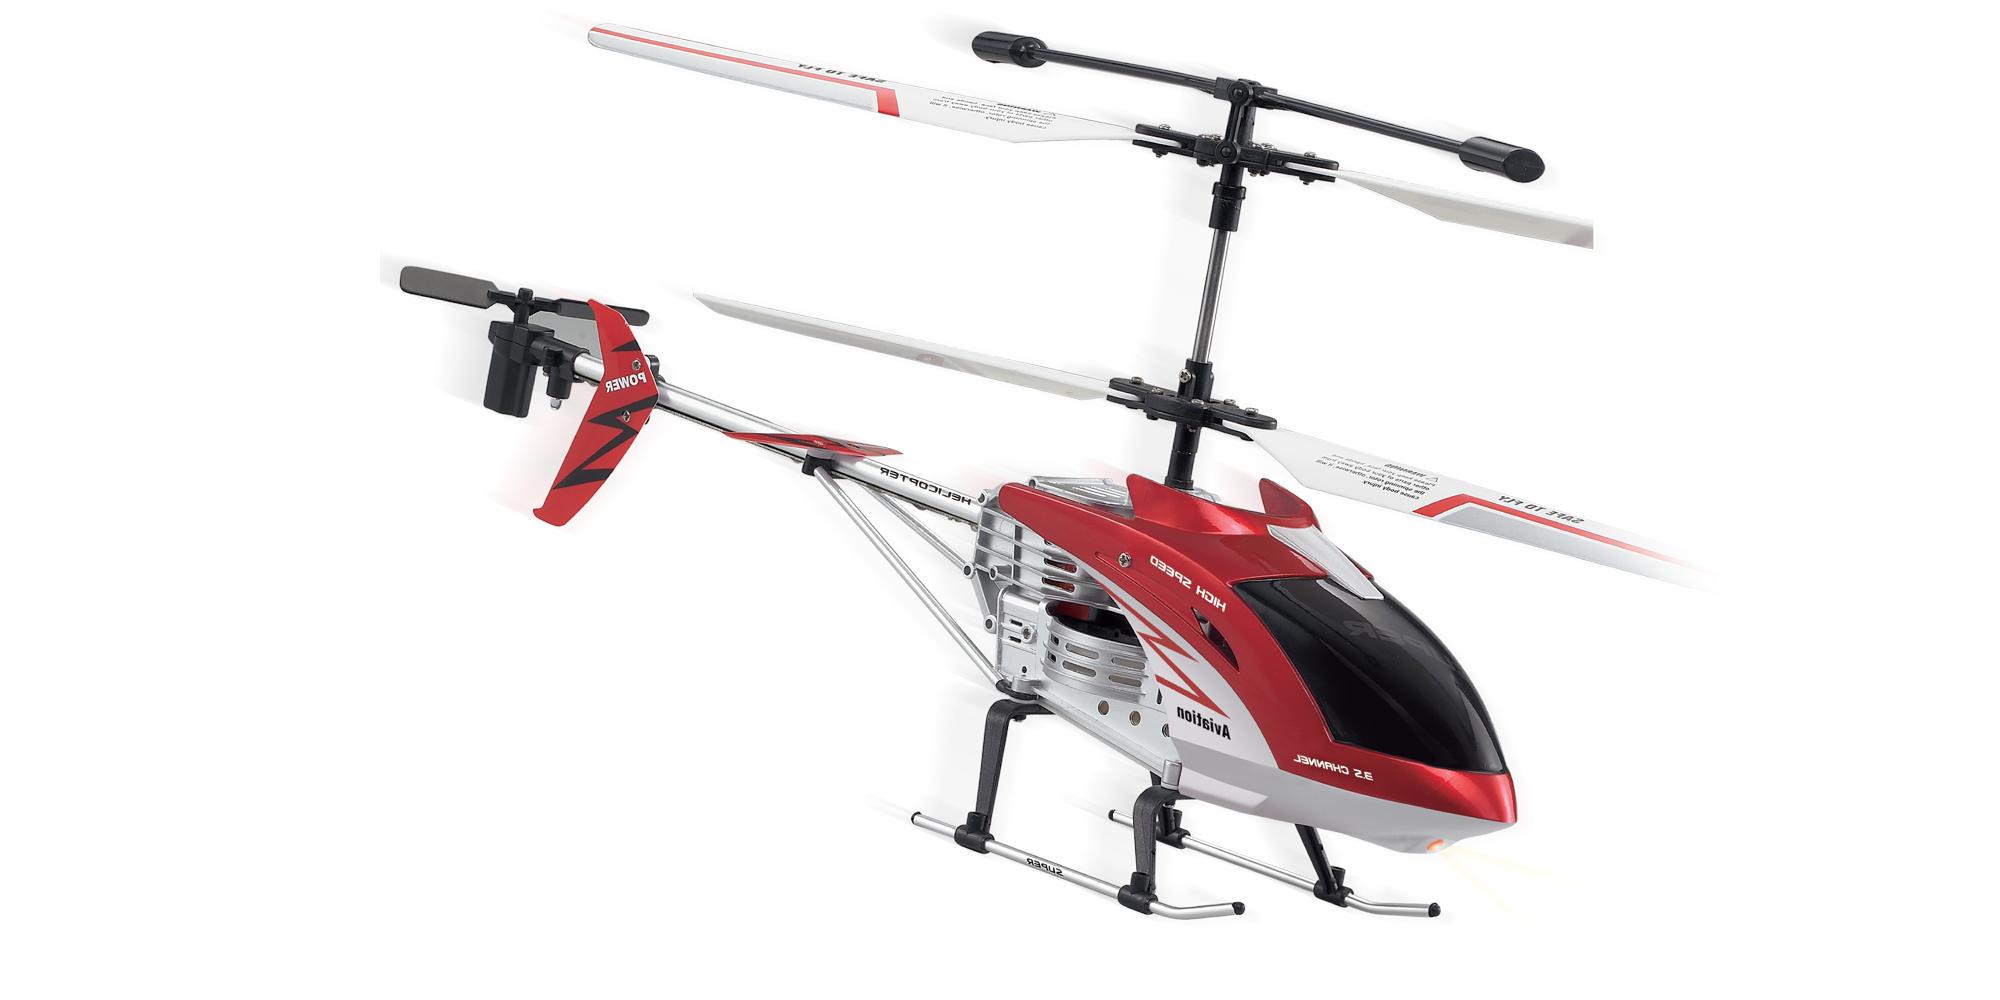 Elicottero 5 Pale : Elicottero radiocomandato canali drone super